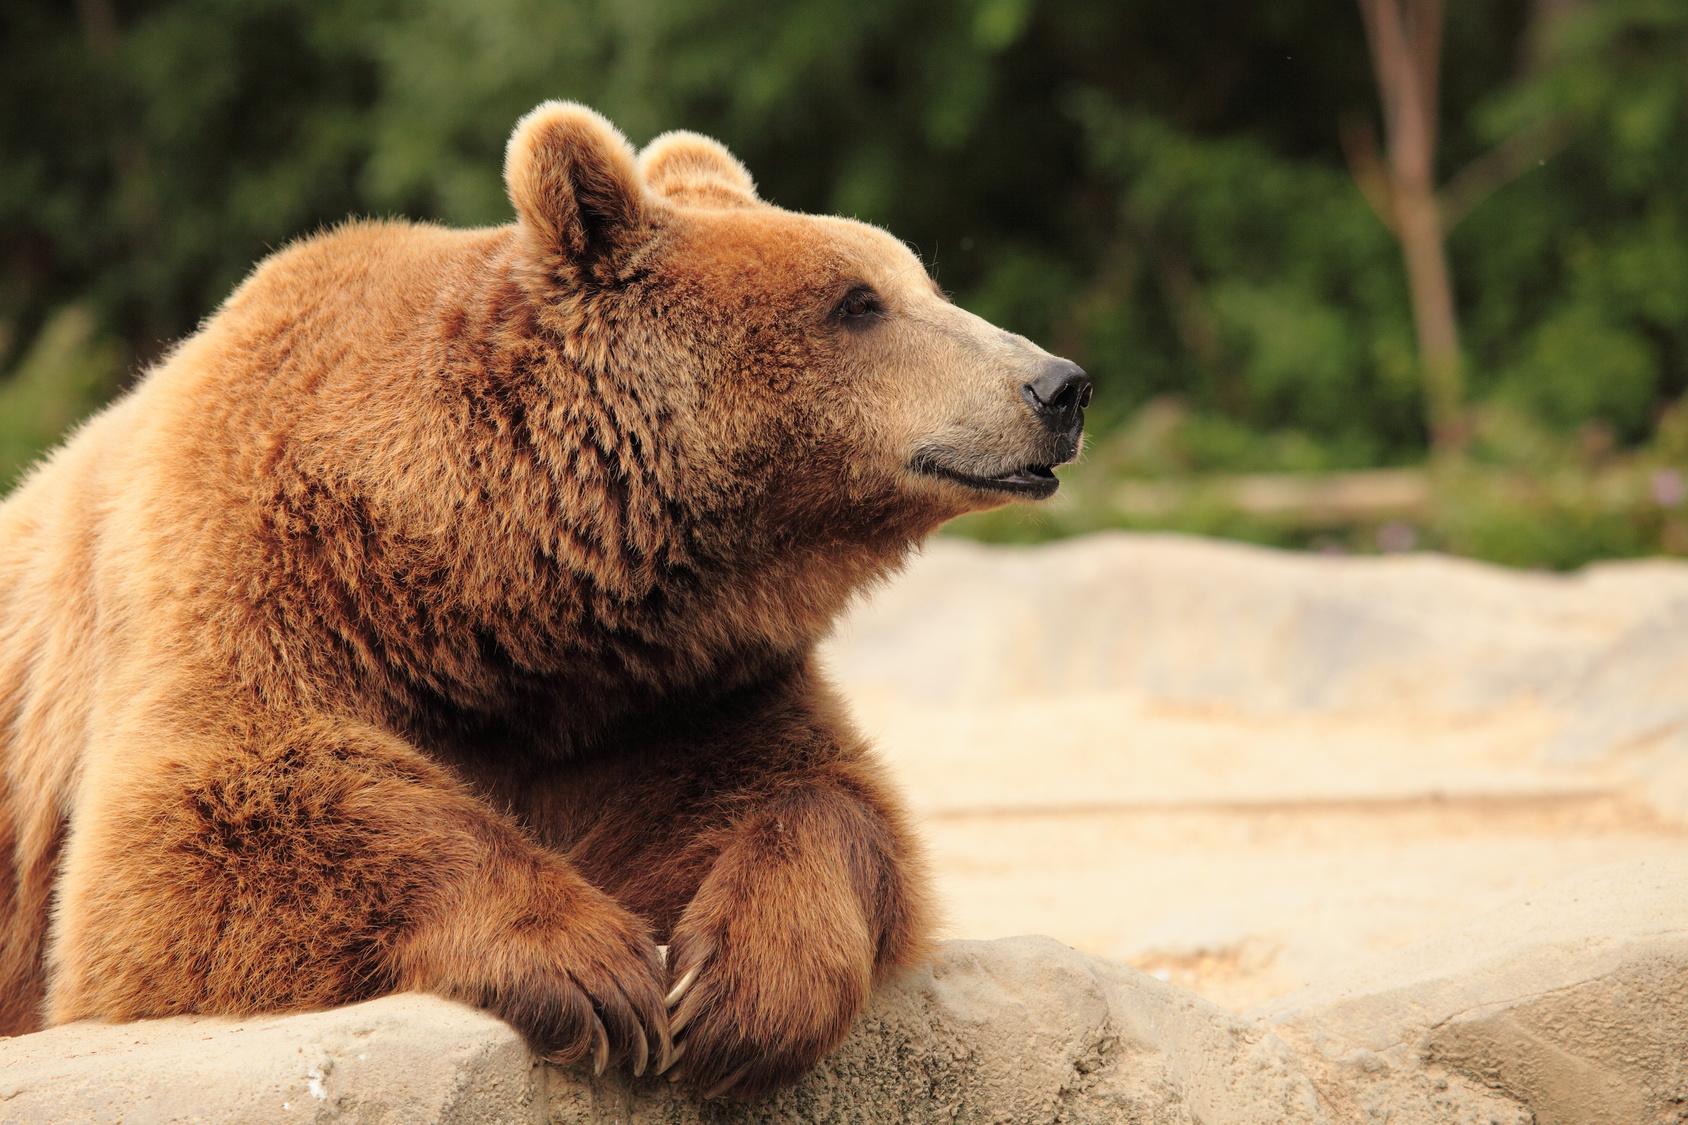 5 Unassuming and Dangerous Wild Animals